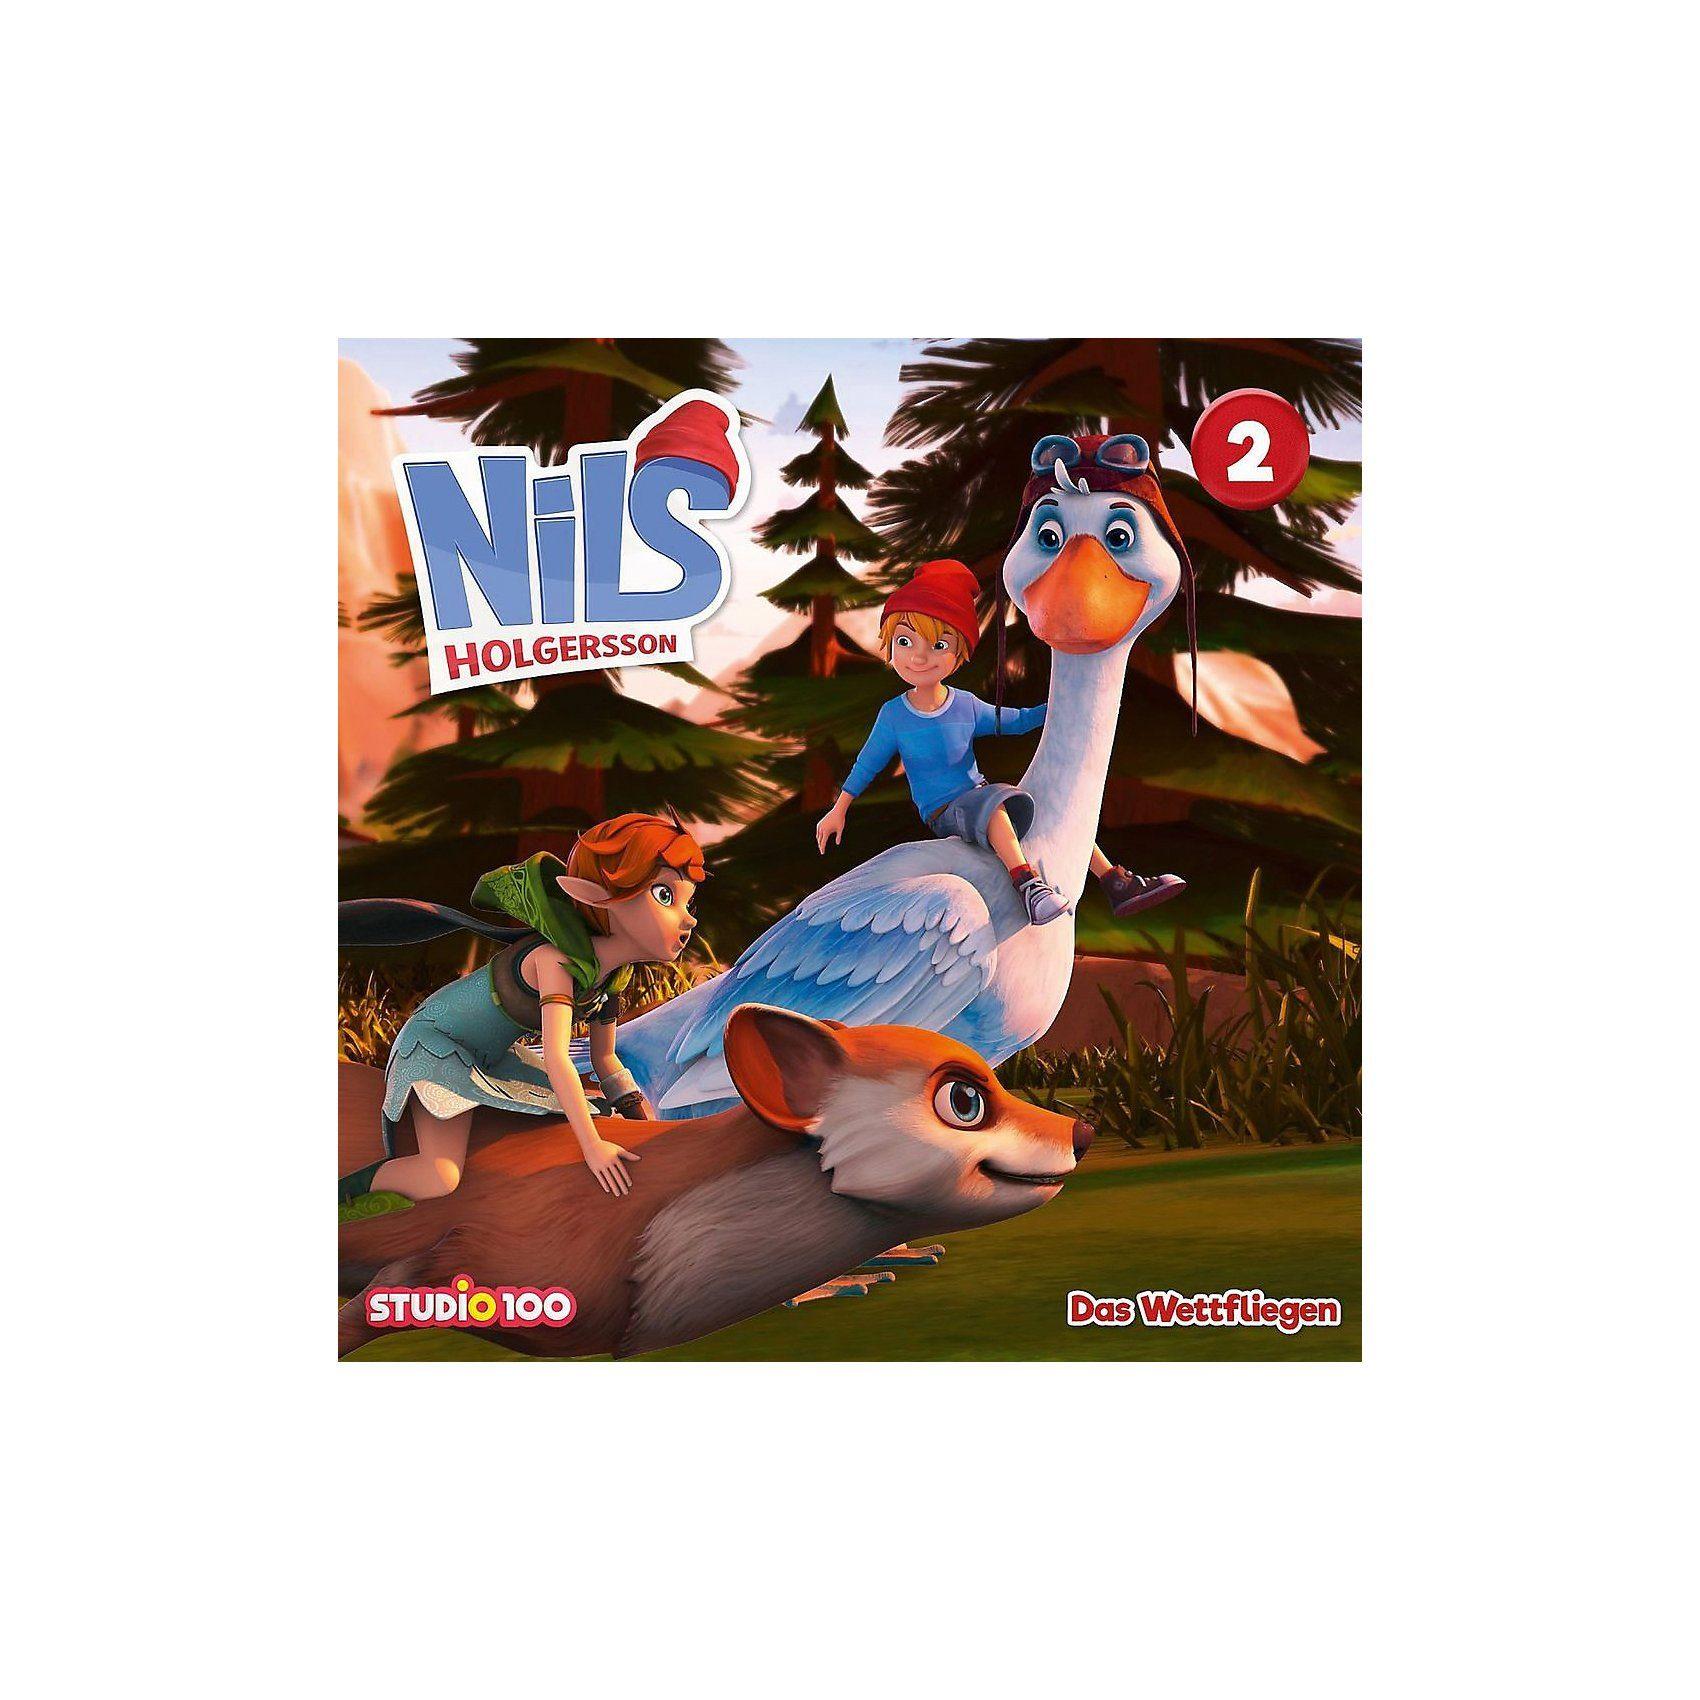 Universal CD Nils Holgersson 02 - Das Wettfliegen